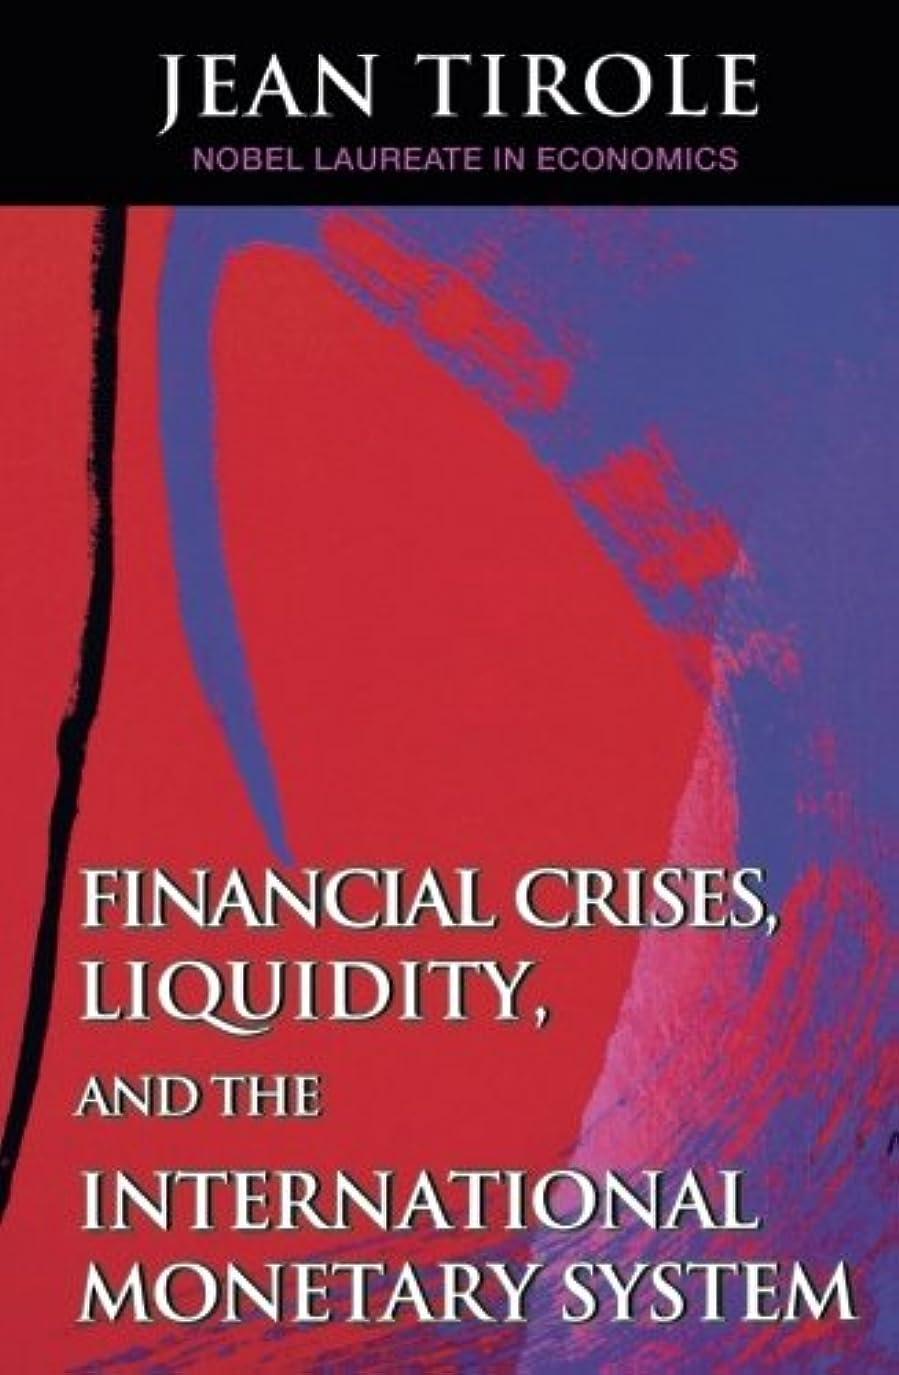 ガジュマル時折証明するFinancial Crises, Liquidity, and the International Monetary Systems